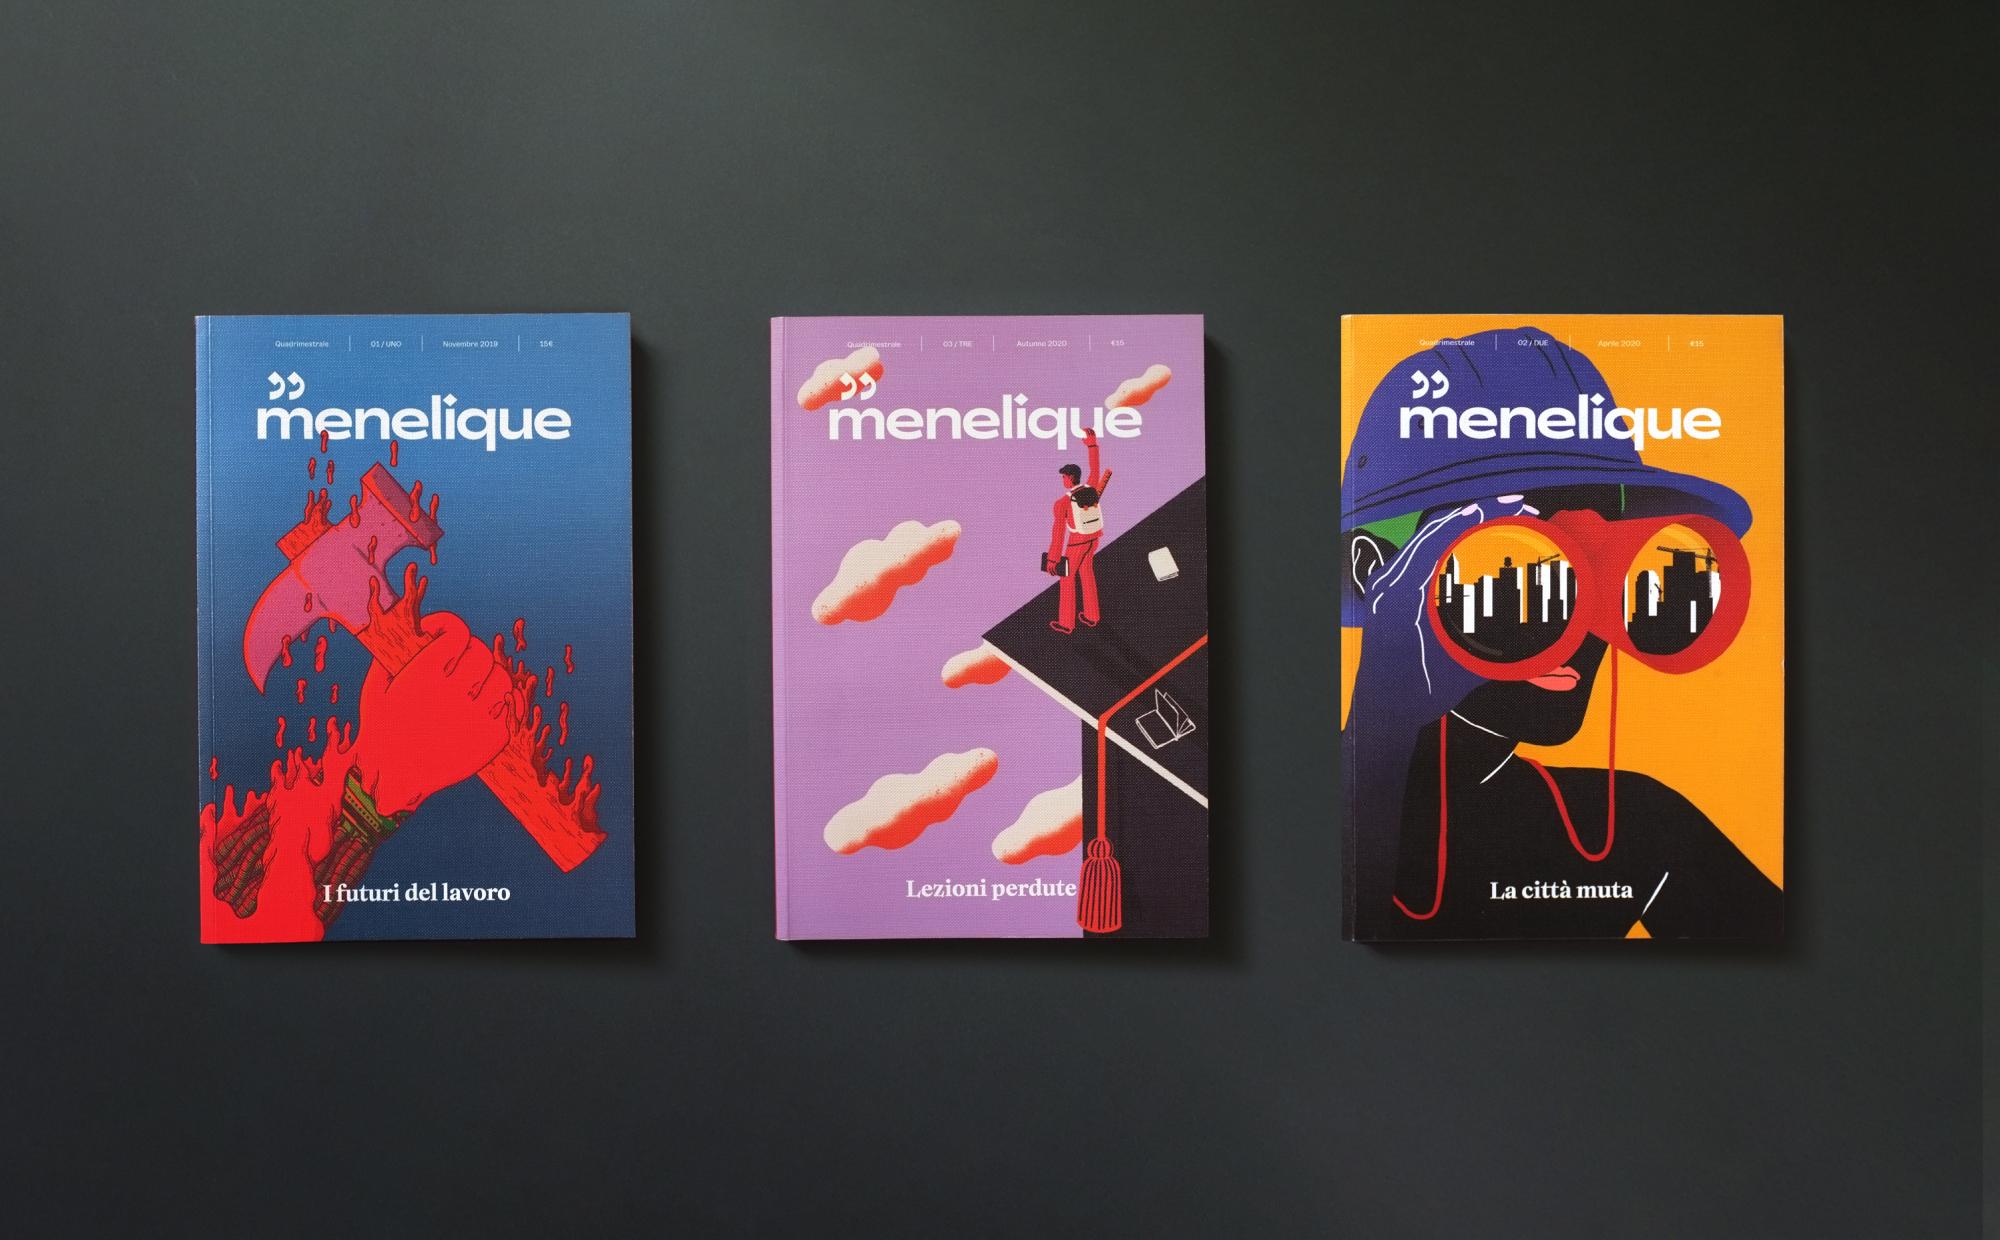 menelique01